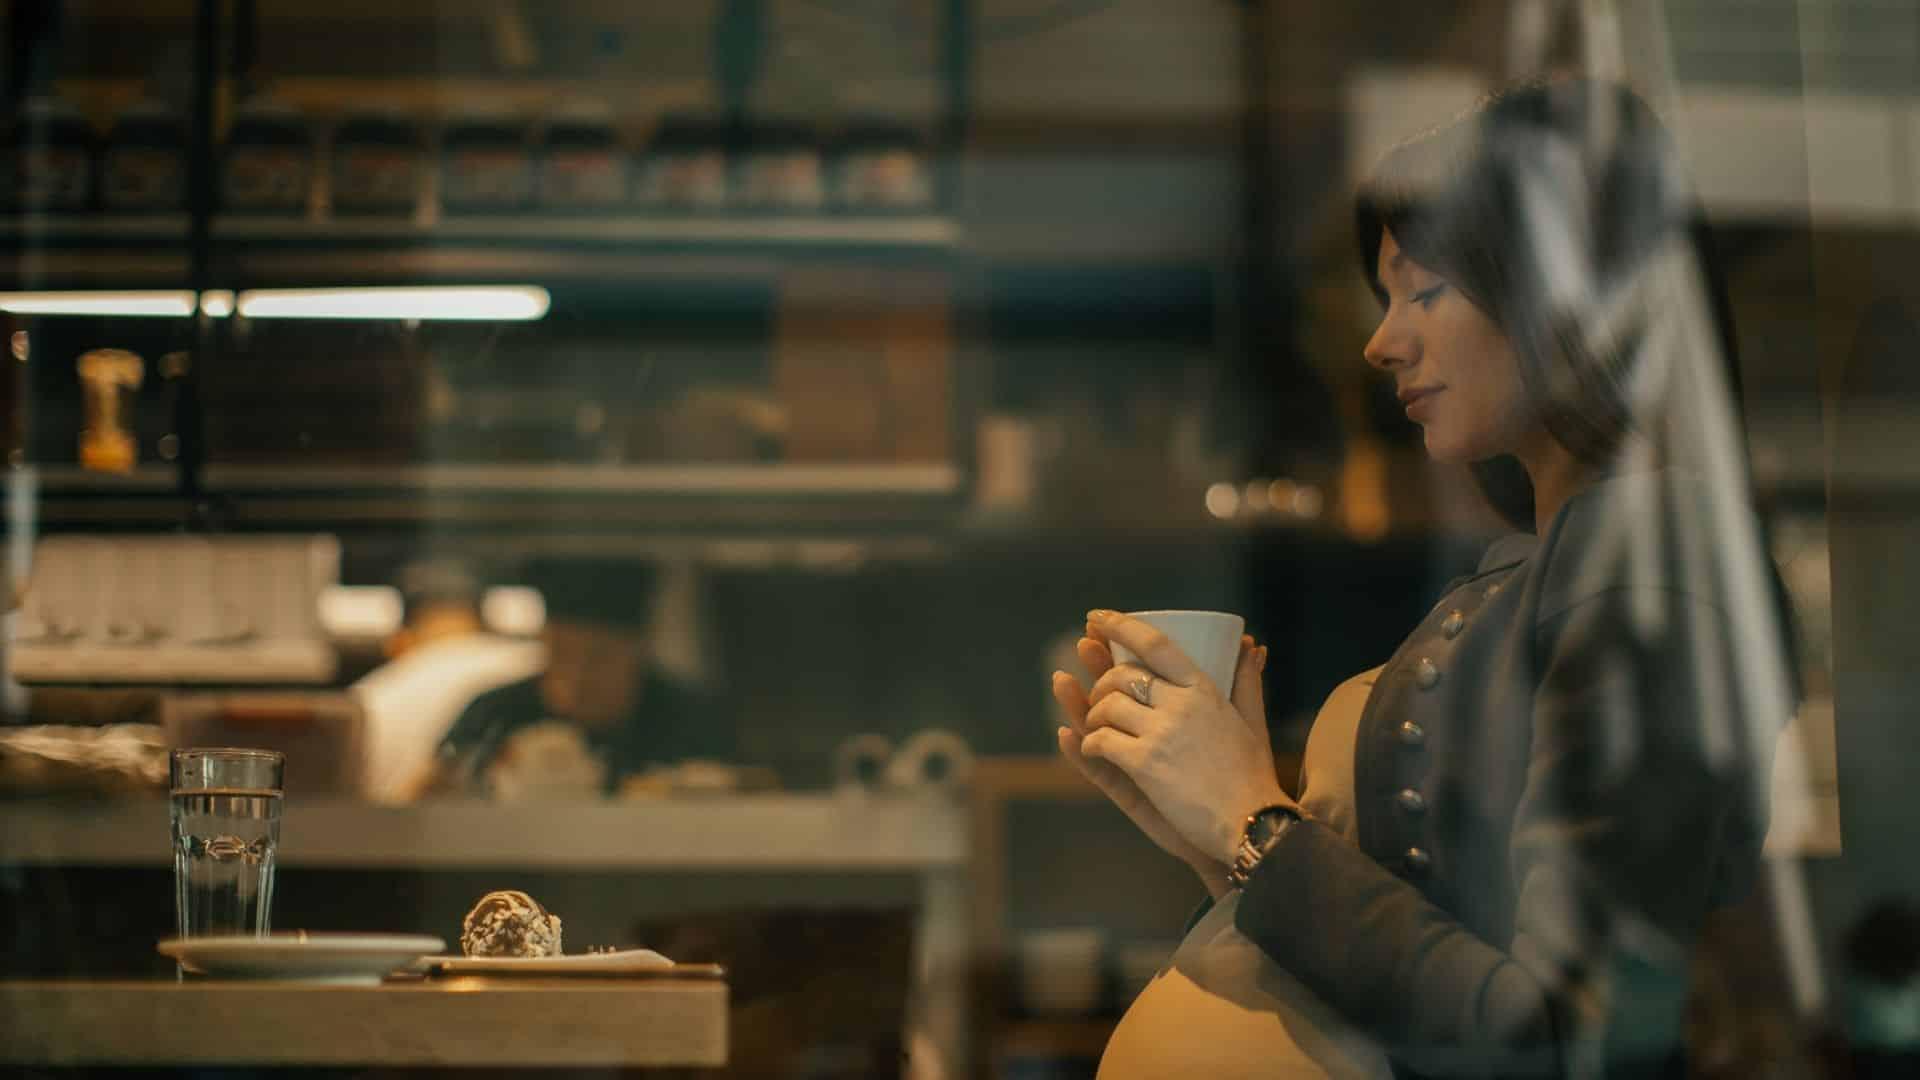 Terhesség kávé? Mennyi koffein biztonságos? Ah, semmi sem veri először az első korty kávét reggel. A terhesség kávé, tea, vagy üdítő segített elindítani a napot.